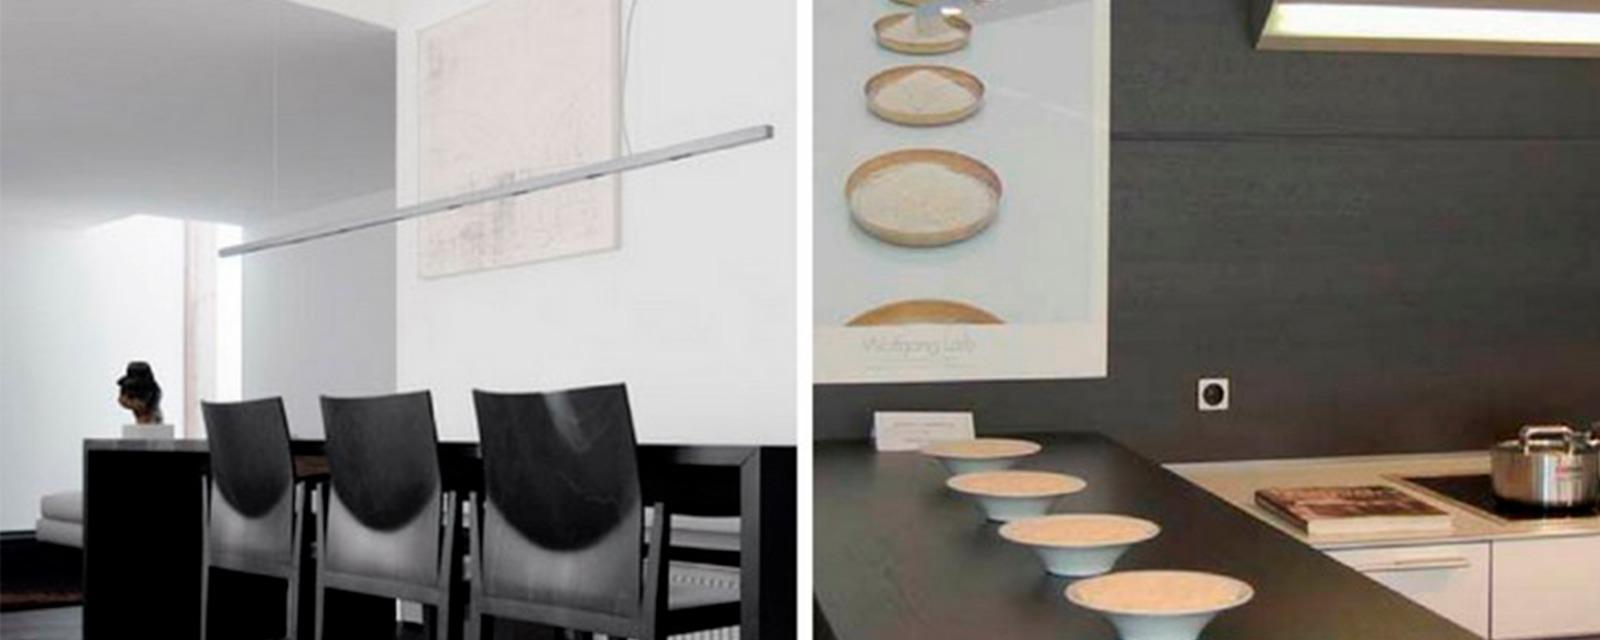 LuxMateria: Lo diseño de interior que es una tendencia para decorar tendencia para decorar LuxMateria: Lo diseño de interior que es una tendencia para decorar Featured 13